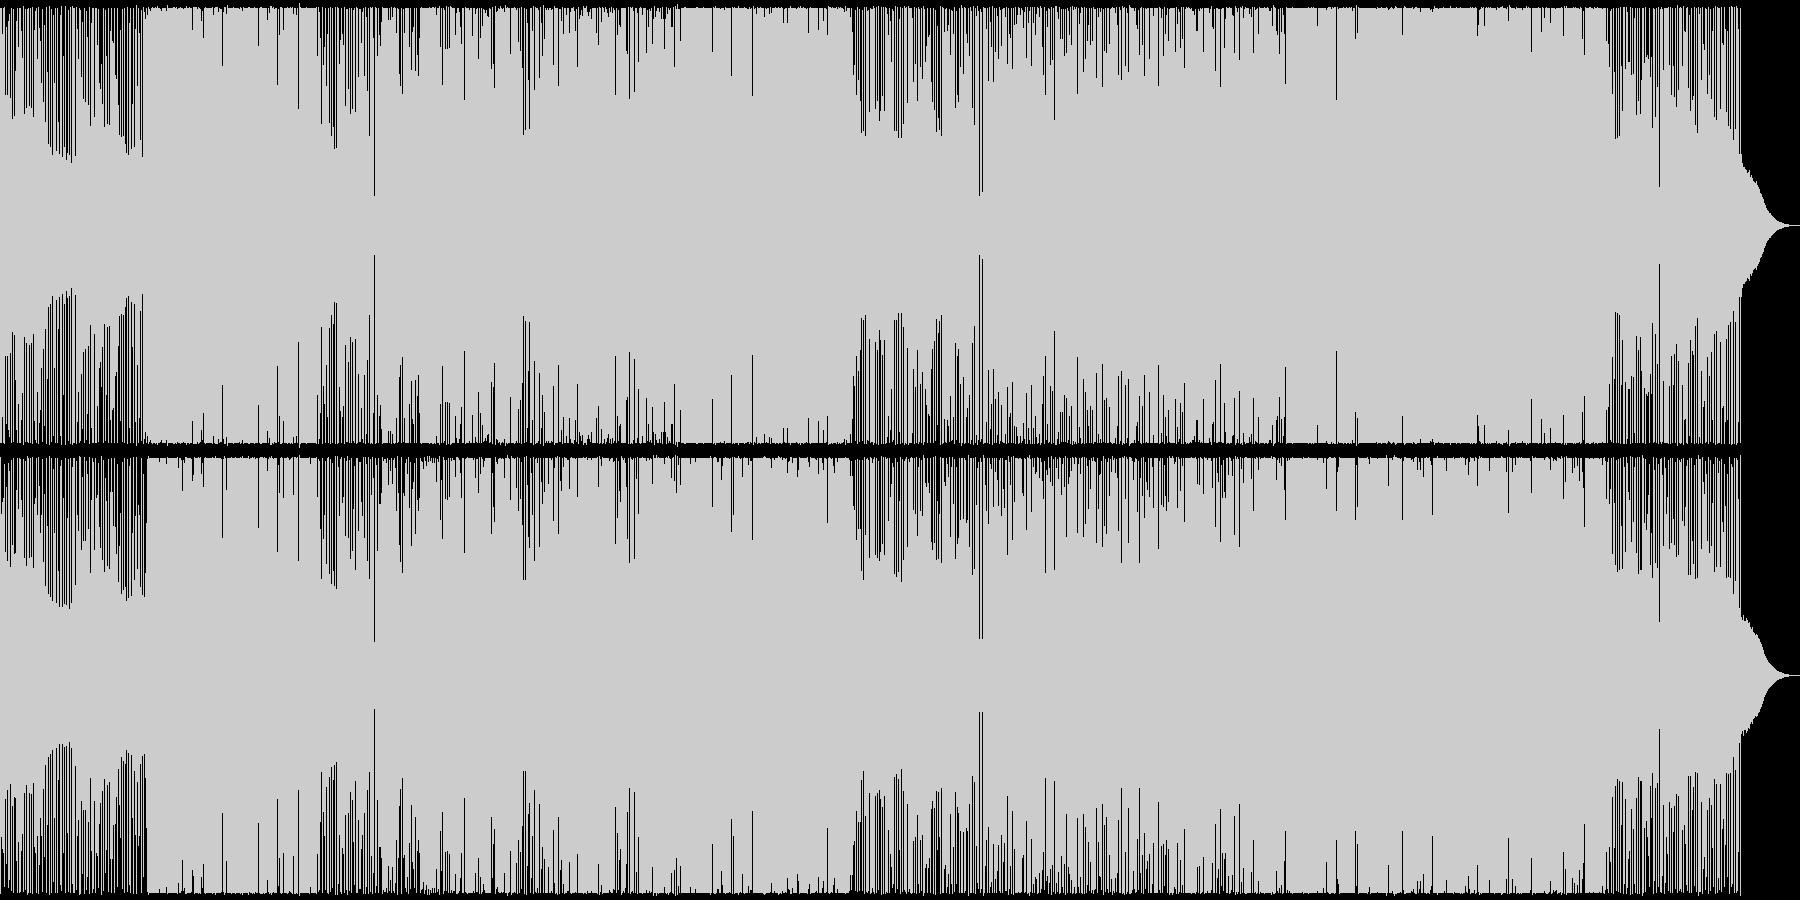 男女混声のミドルテンポの失恋ソングの未再生の波形